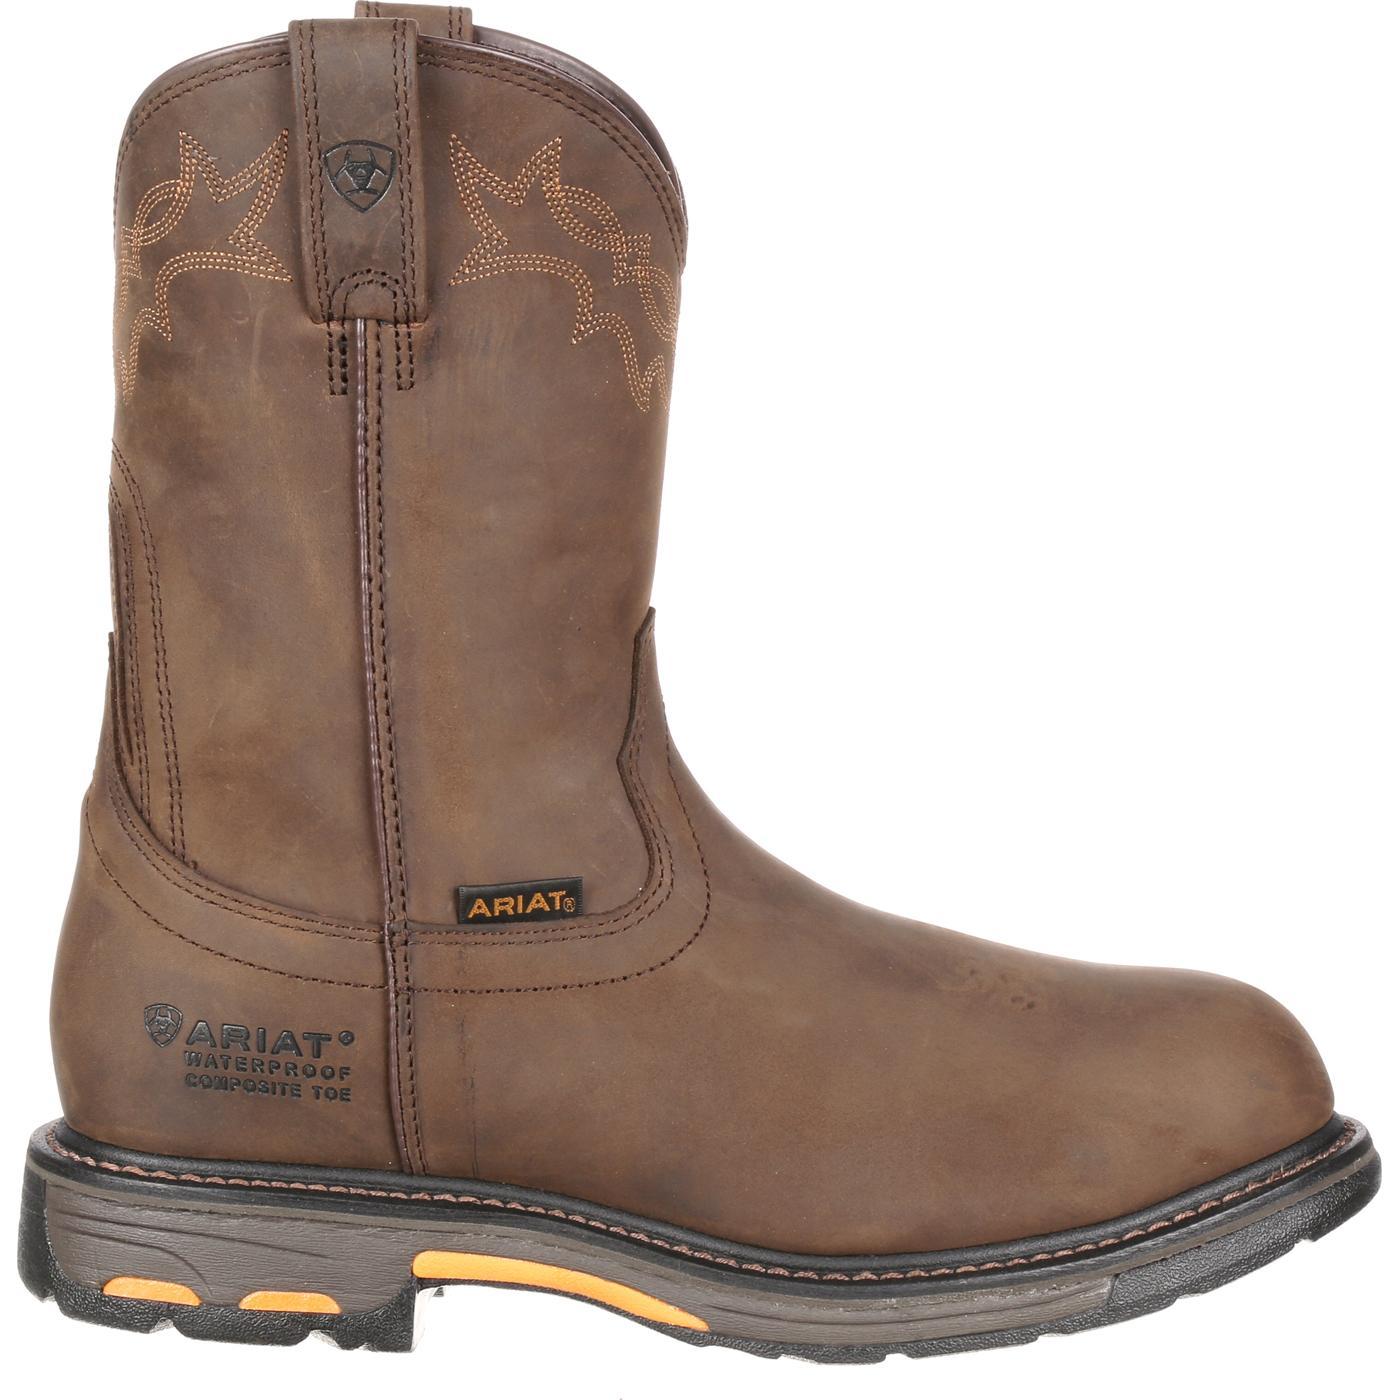 8b492fbe840 Ariat WorkHog H2O Composite Toe Waterproof Western Work Boot